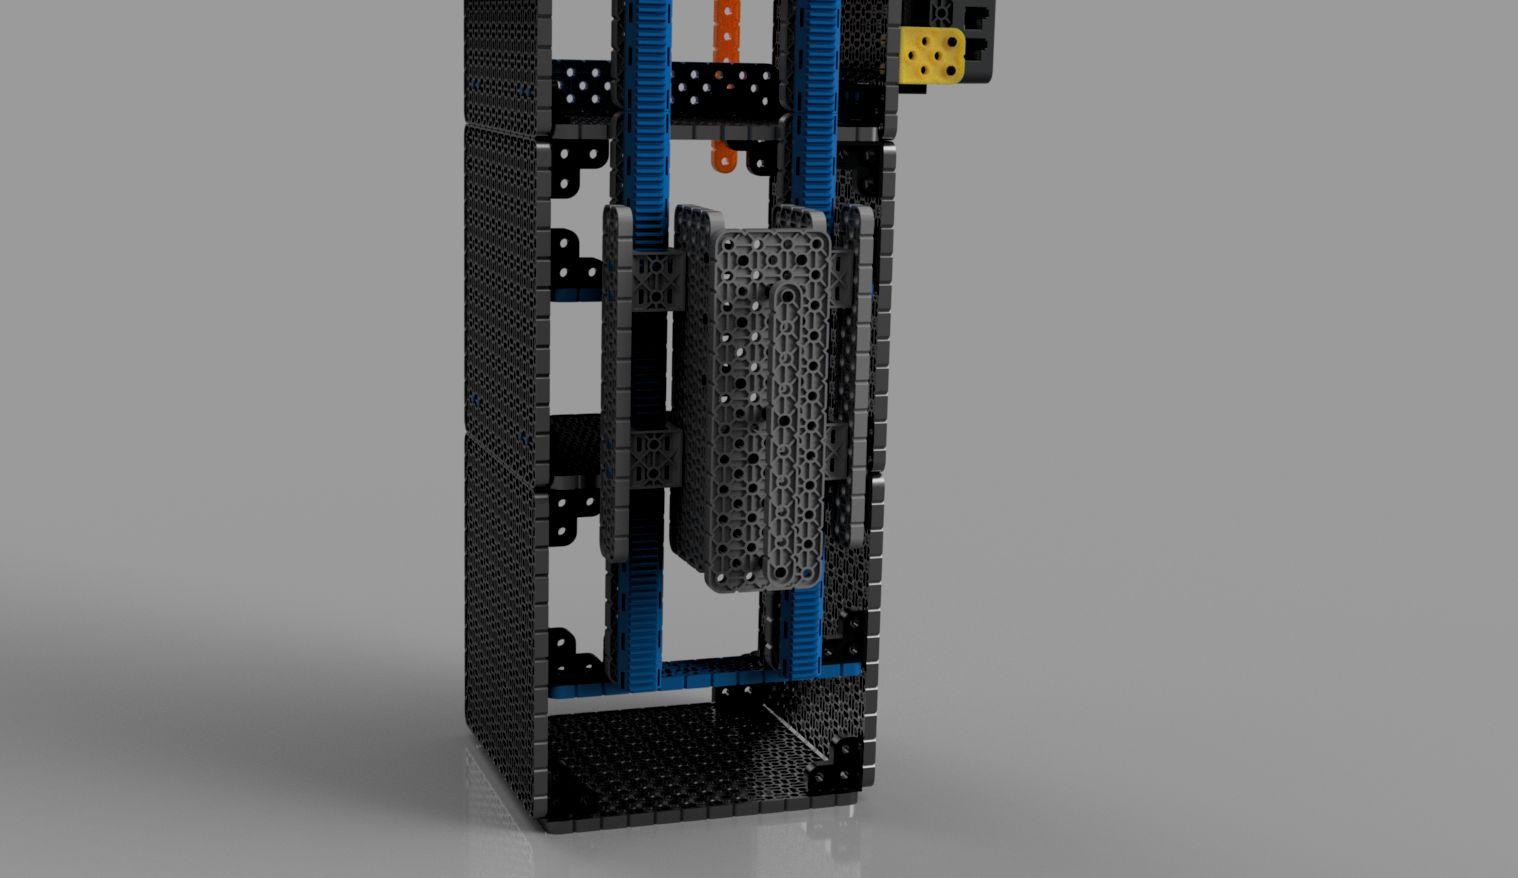 Elevador---desafio-de-robotica-2019-v14-3500-3500